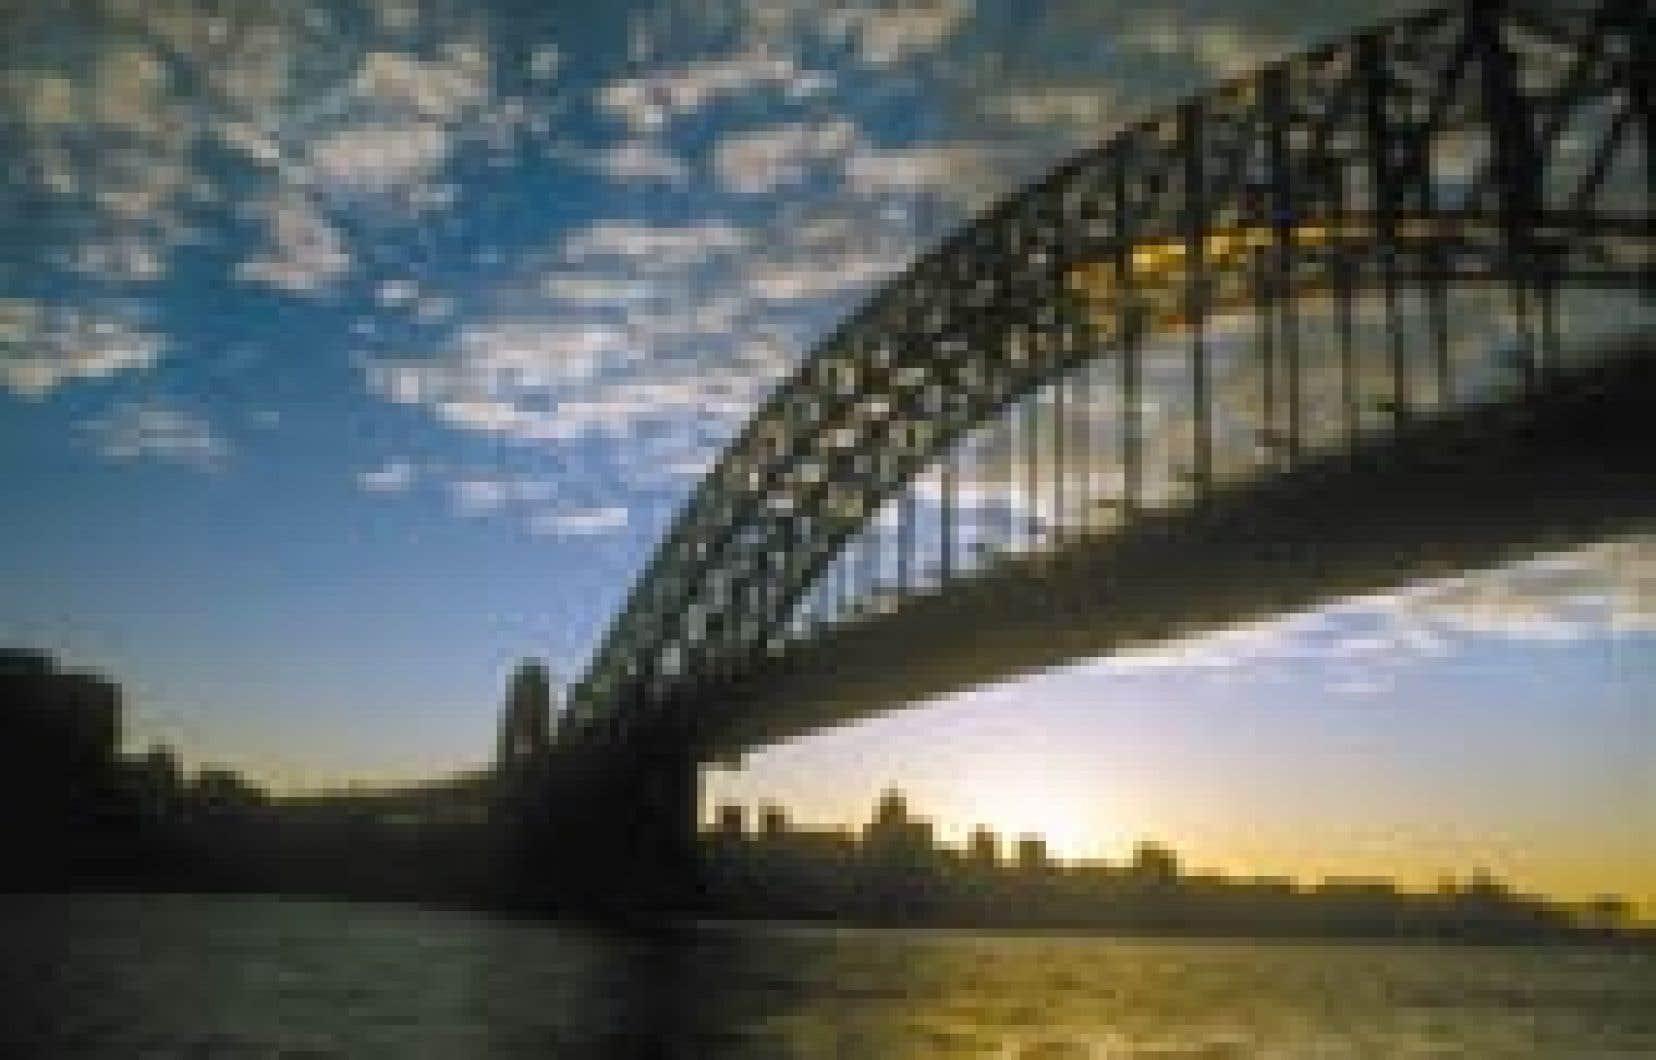 La ville vue du haut du Harbour Bridge, l'une des constructions les plus célèbres de Sydney. — Gary Lawrence